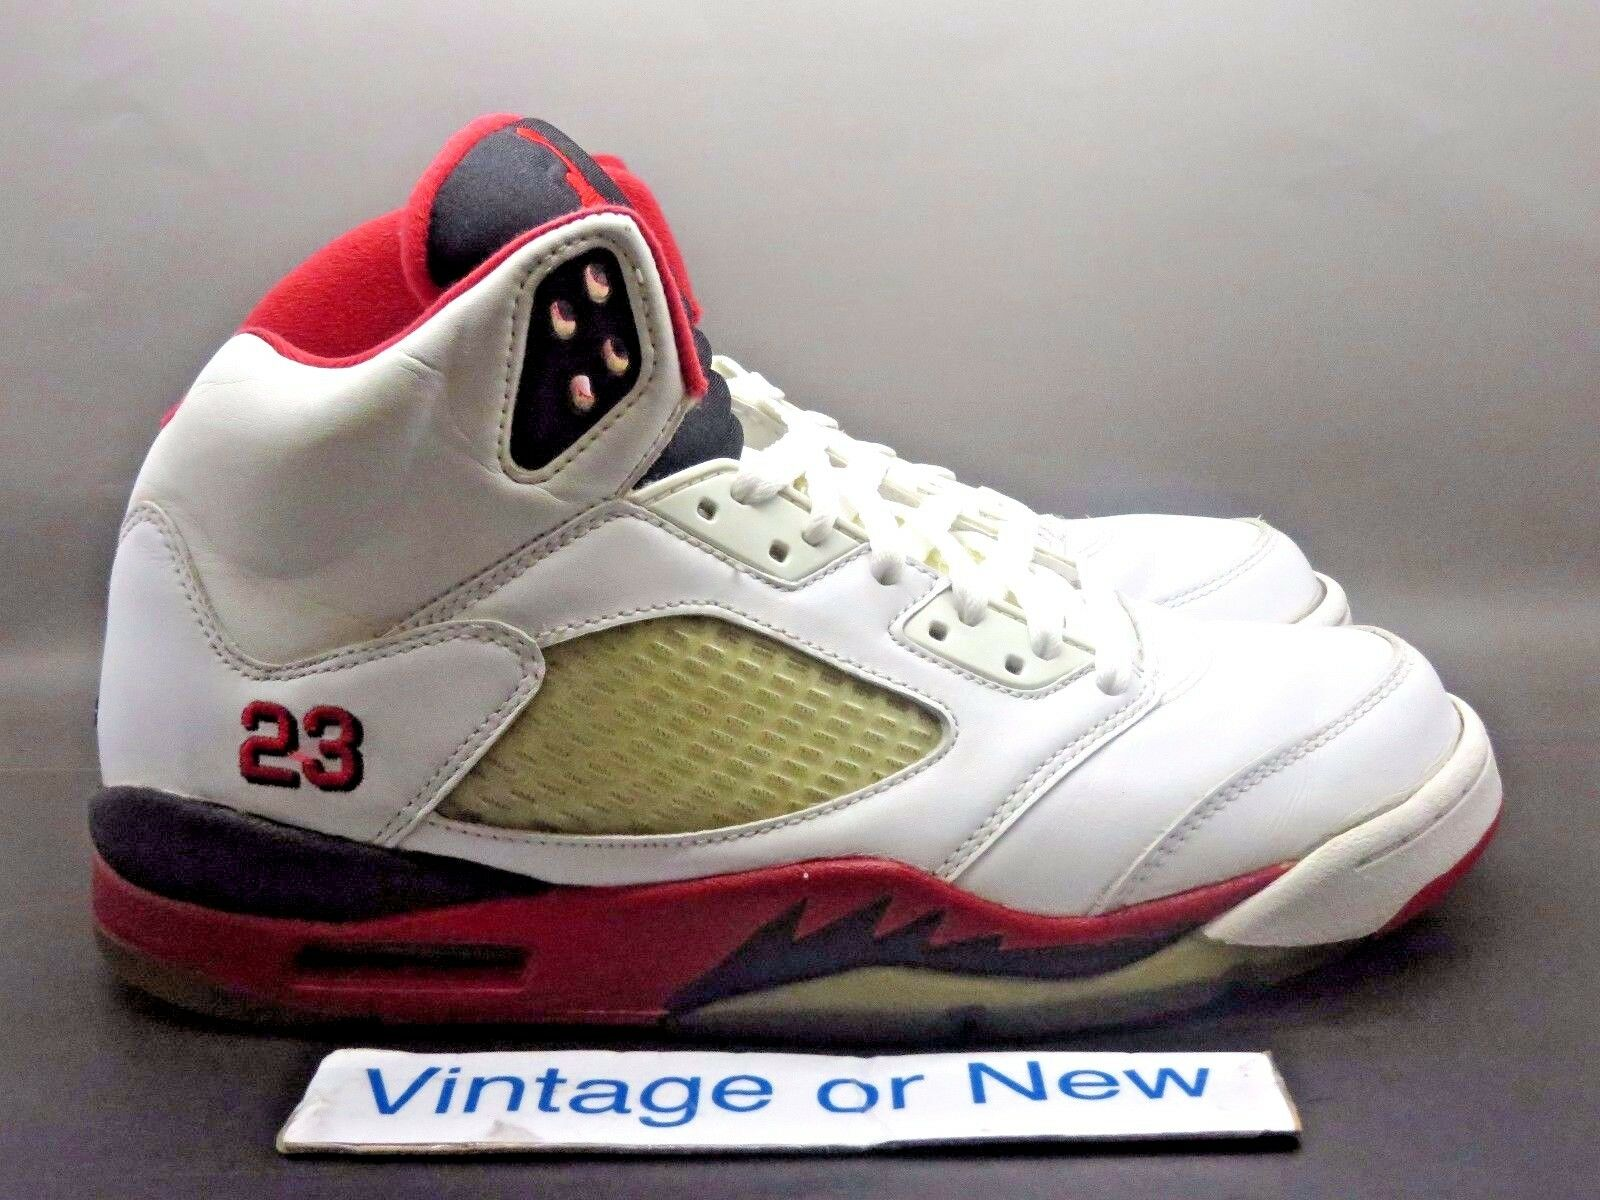 Air Jordan v 5 reducción Fire Rojo retro 2018 reducción 5 de precios el último descuento zapatos para hombres y mujeres c7e94e